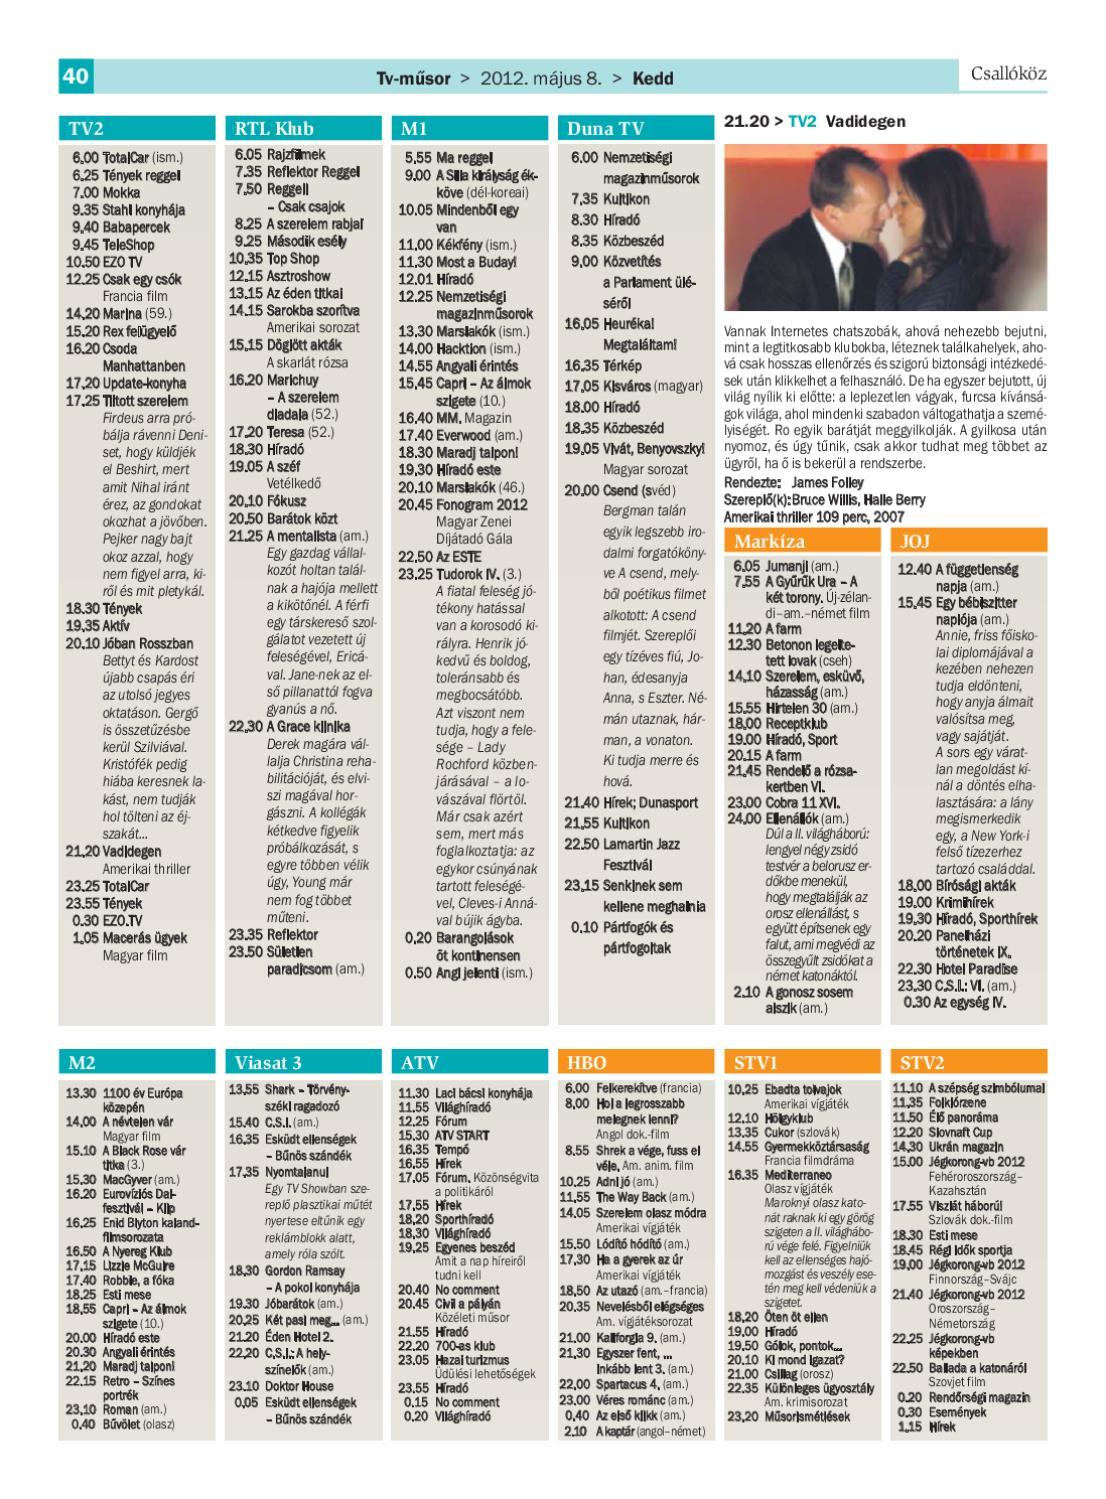 keresztény társkereső oldalak listája az Egyesült Államokban